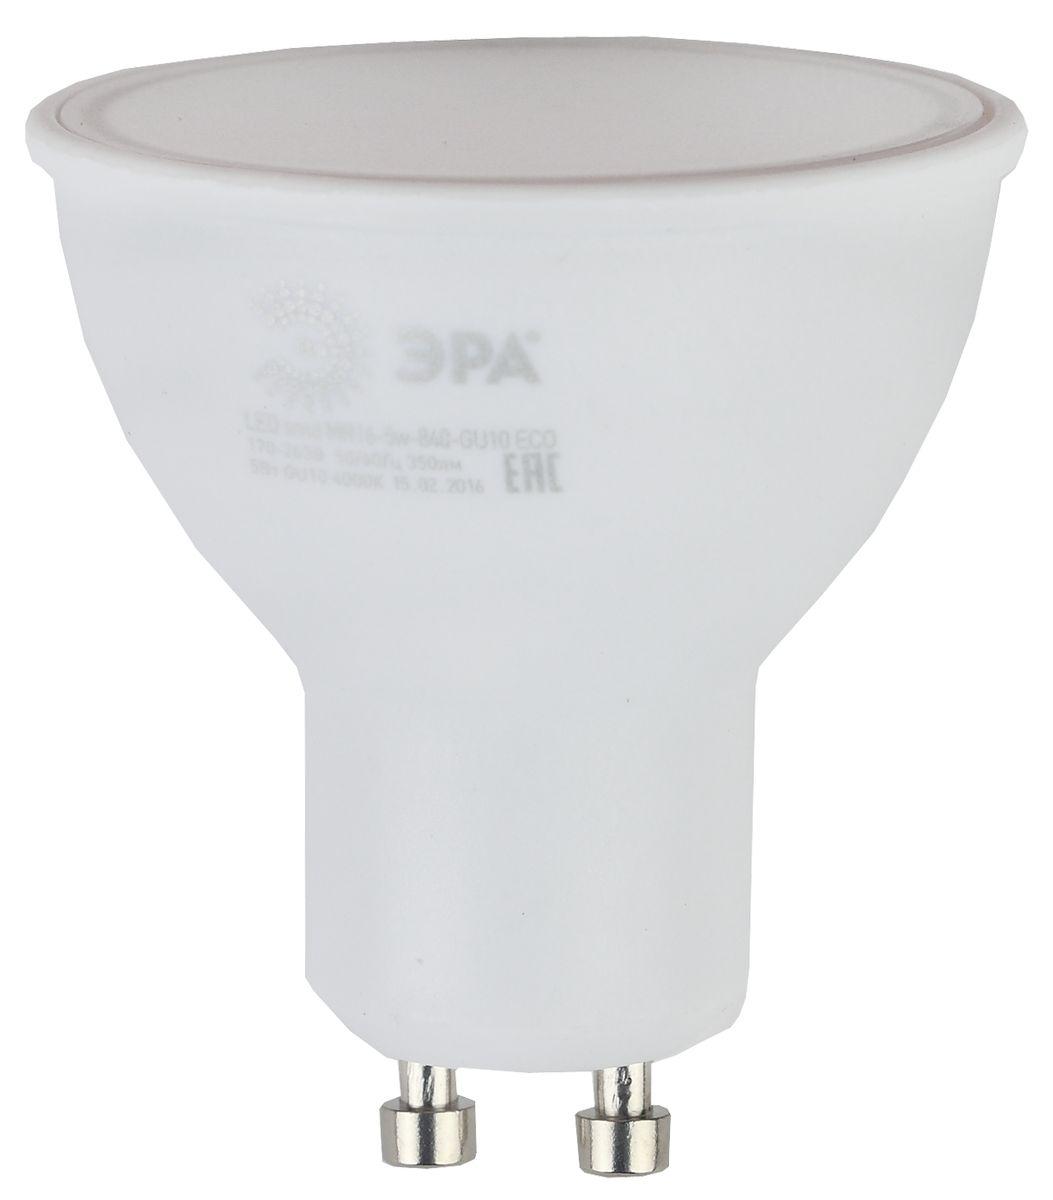 Лампа светодиодная ЭРА, цоколь GU10, 170-265V, 5W, 2700К. Б00190625055945528855Светодиодная лампа ЭРА является самым перспективным источником света. Основным преимуществом данного источника света является длительный срок службы и очень низкое энергопотребление, так, например, по сравнению с обычной лампой накаливания светодиодная лампа служит в среднем в 50 раз дольше и потребляет в 10-15 раз меньше электроэнергии. При этом светодиодная лампа практически не подвержена механическому воздействию из-за прочной конструкции и позволяет получить любой цвет светового потока, что, несомненно, расширяет возможности применения и позволяет создавать новые решения в области освещения.Особенности серии Eco:Предназначена для обычного потребителяЦена ниже, чем цена компактной люминесцентной лампыСветовая отдача источников света - 70-80 лм/ВтСрок службы составляет 25000 часовГарантия - 1 год. Работа в цепи с выключателем с подсветкой не рекомендована.